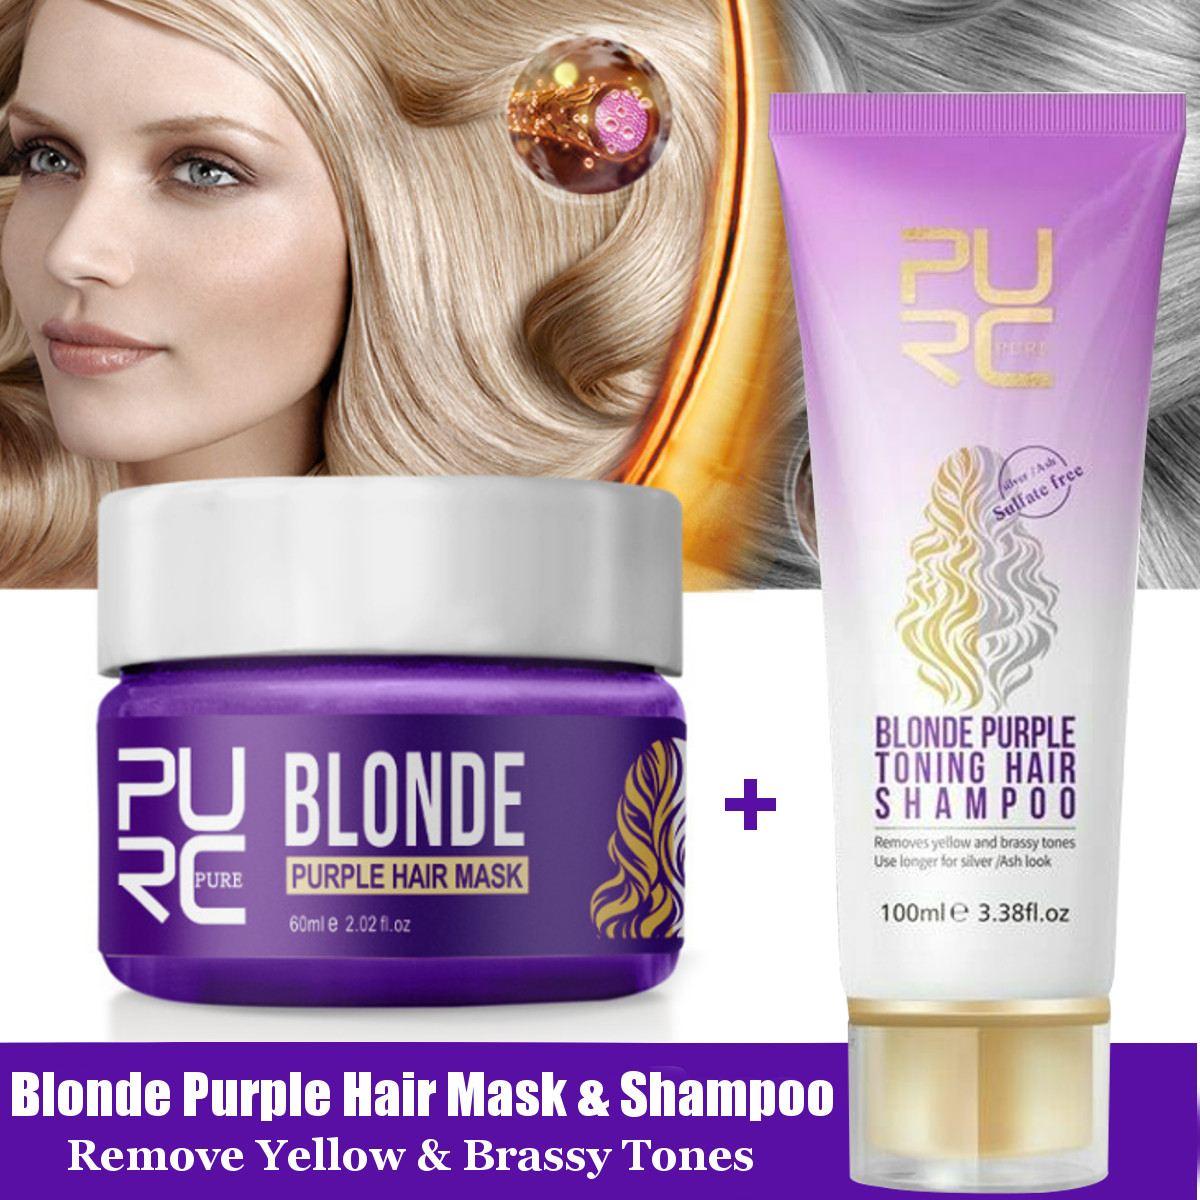 mascara roxa para remocao de cabelos shampoo amarelo e prata para reparacao de cabelos danificados